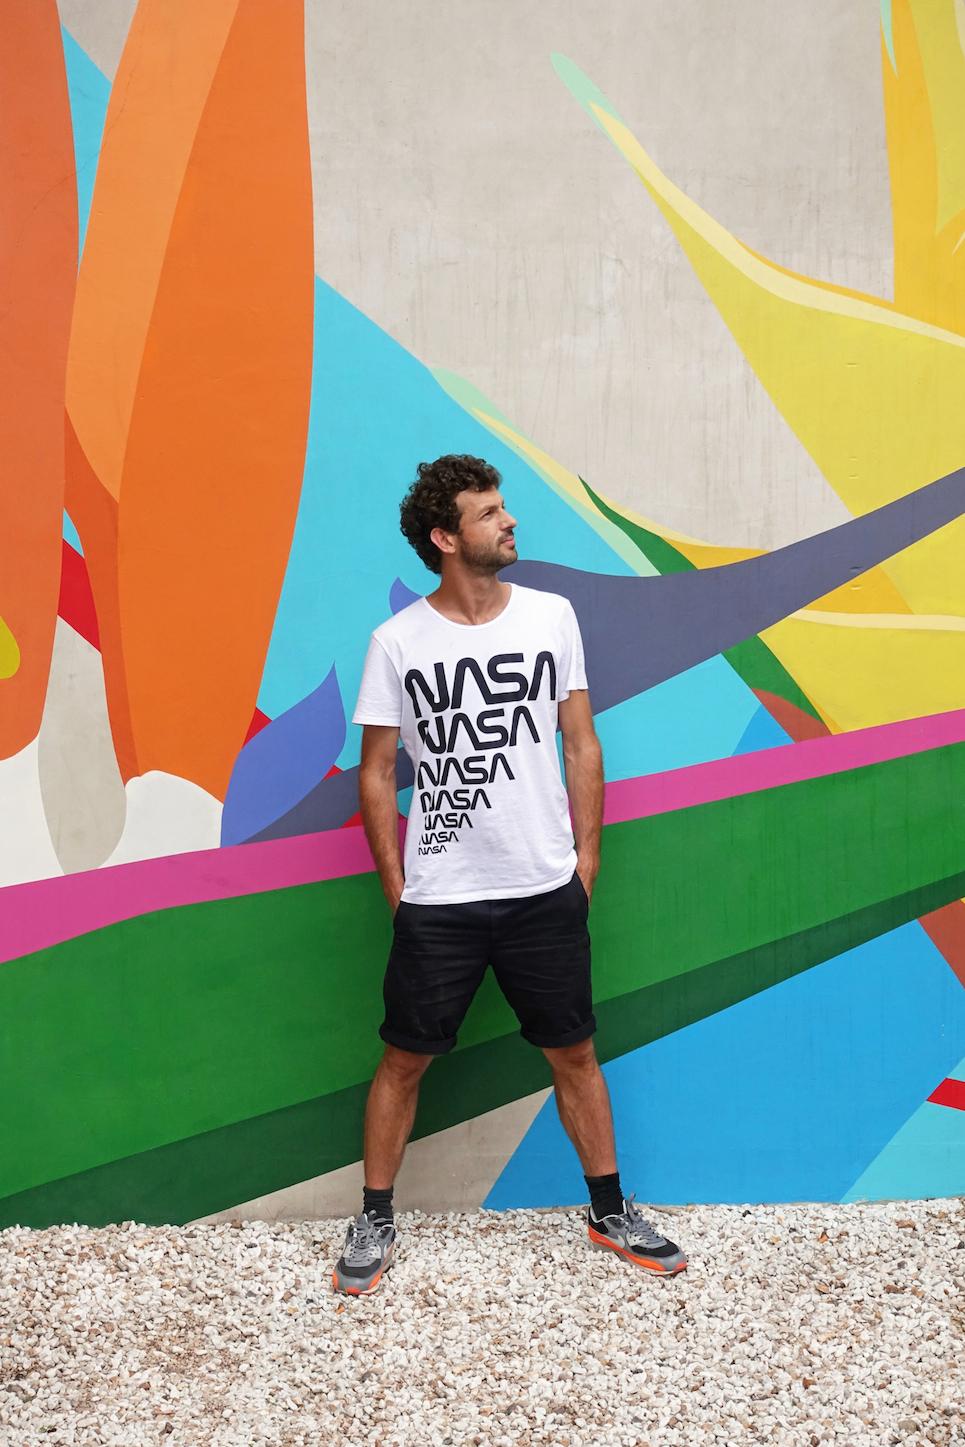 Le Président-Fondateur devant la fresque   À l'orée d'une île inhabitée   de Florian Viel réalisée au centre d'art le CNEAI à Chatou sur l'île des impressionnistes, juin 2016.